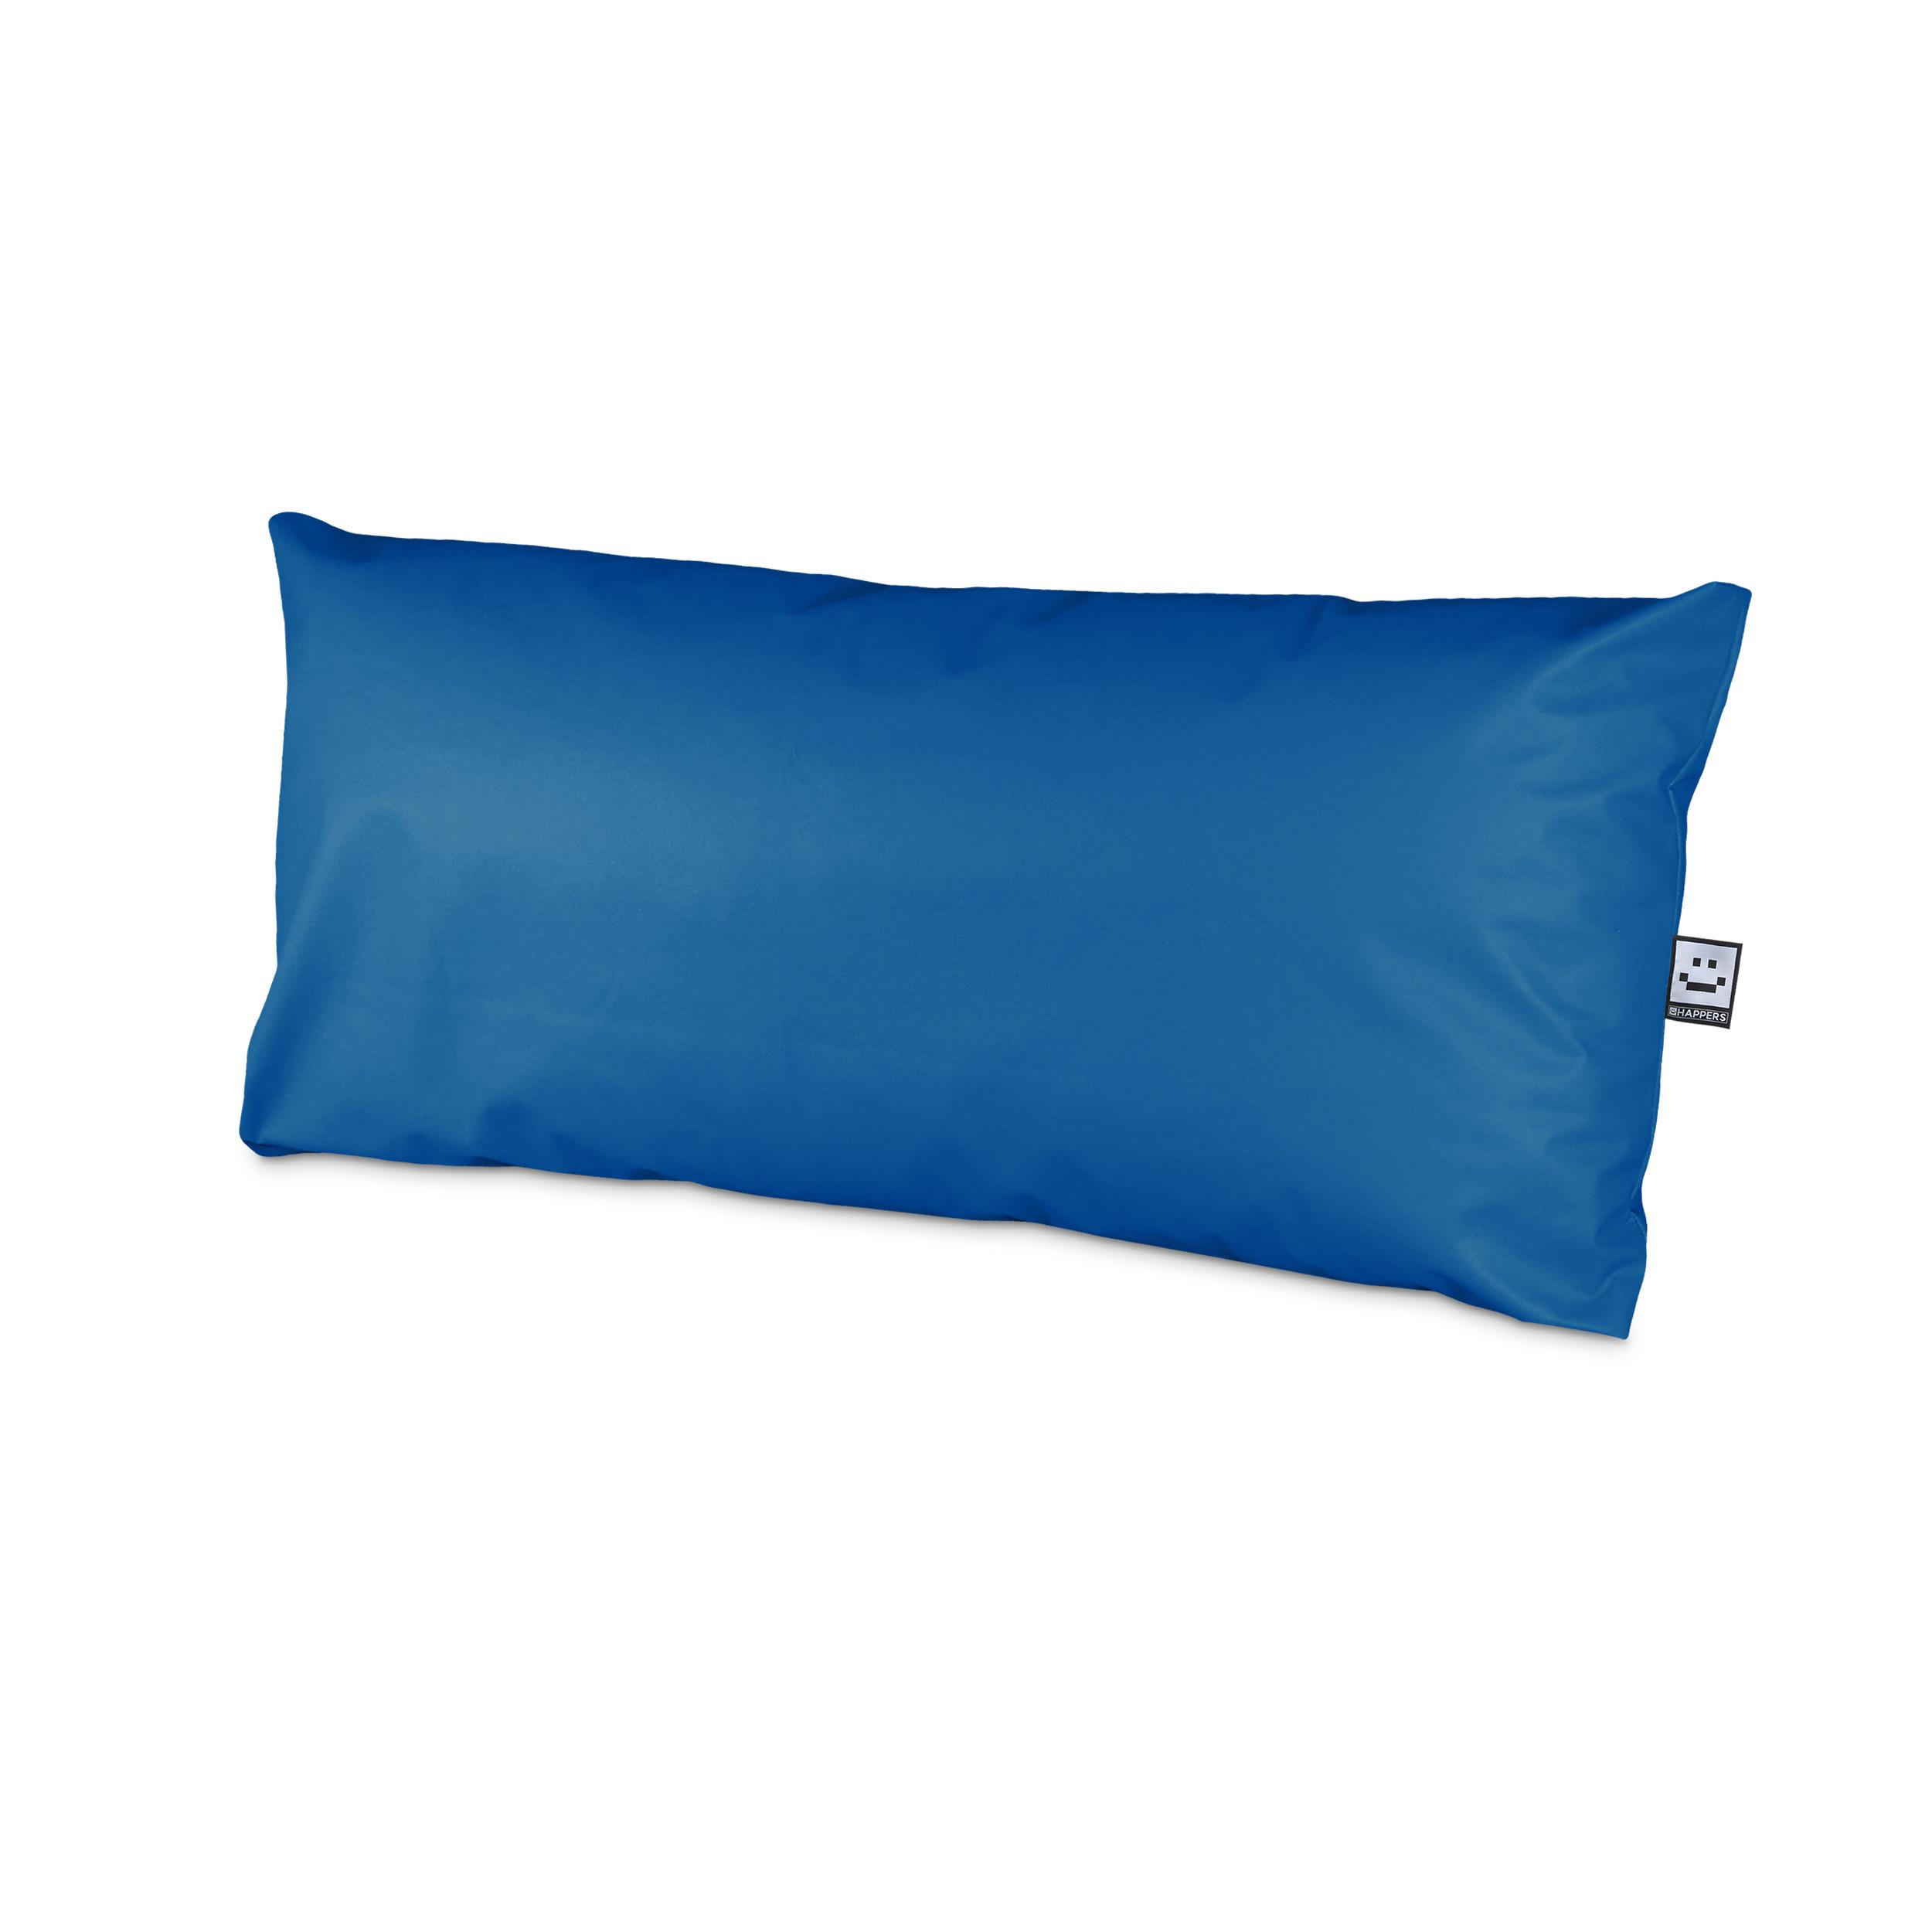 Set de Cojines Impermeables y Desenfundables para Palet en Polipiel Azul (1)